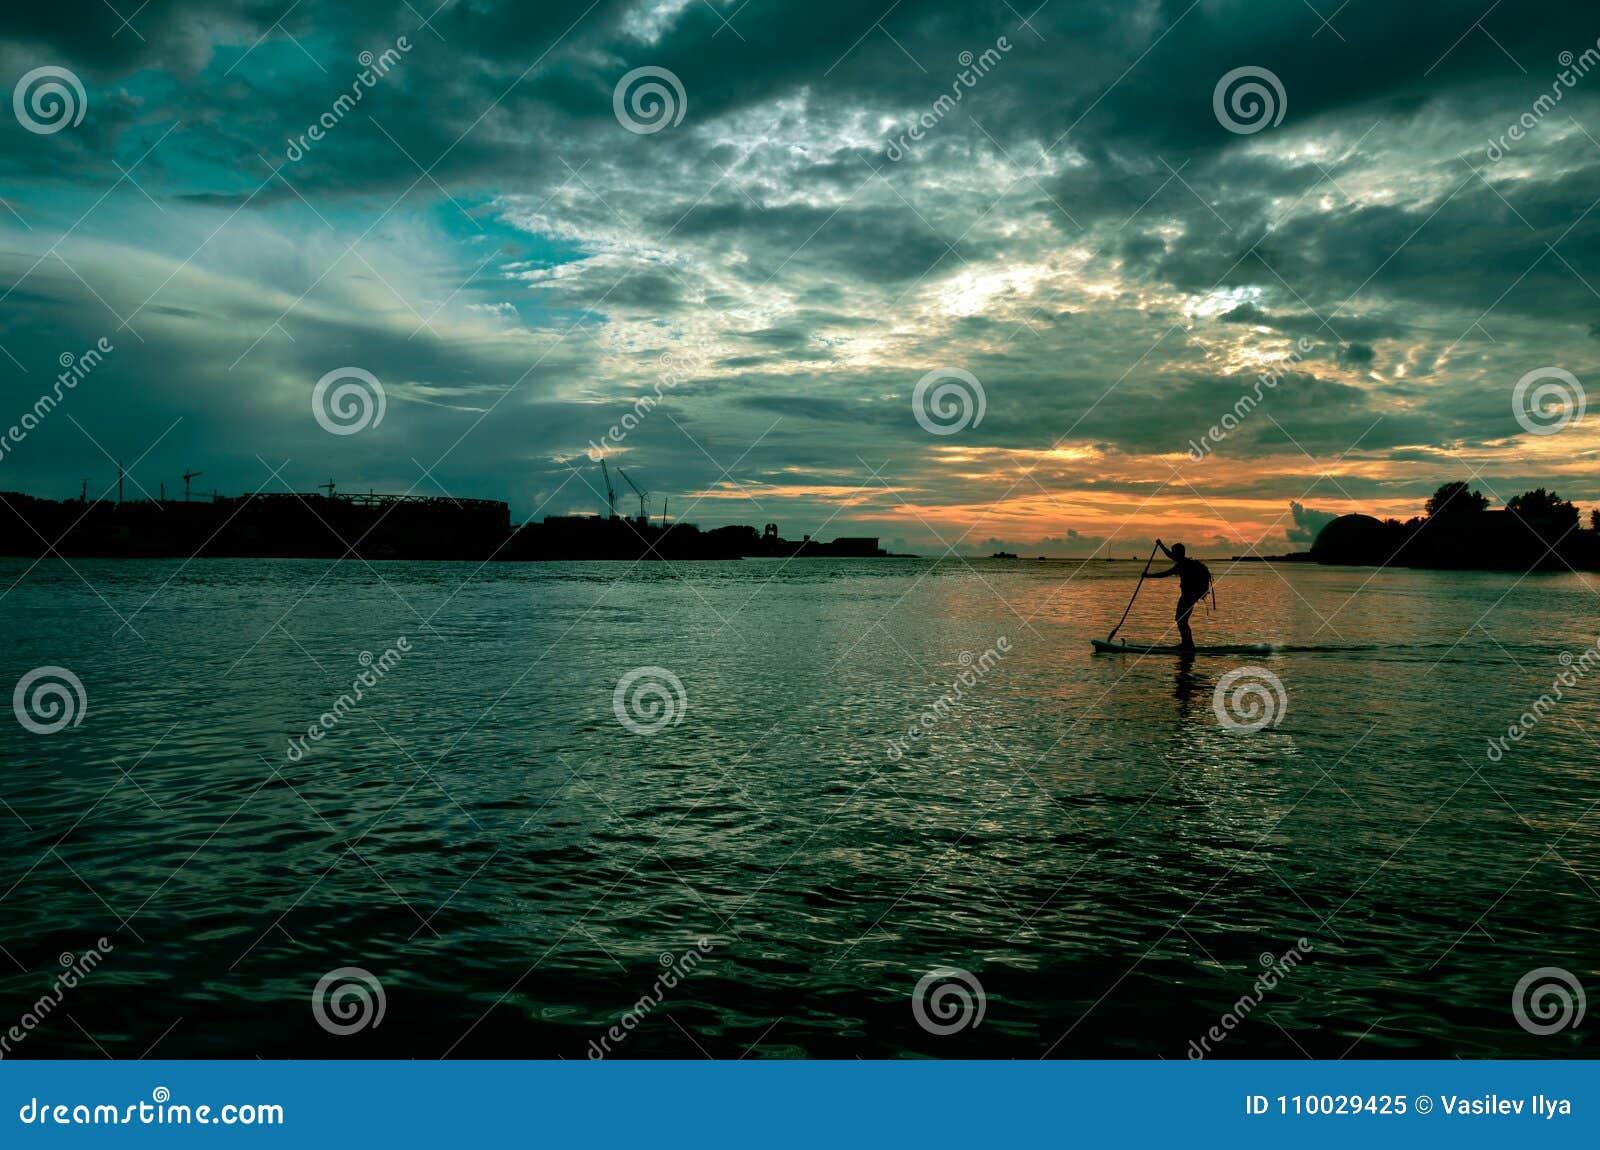 De mens is bezig geweest met watersporten in de avond